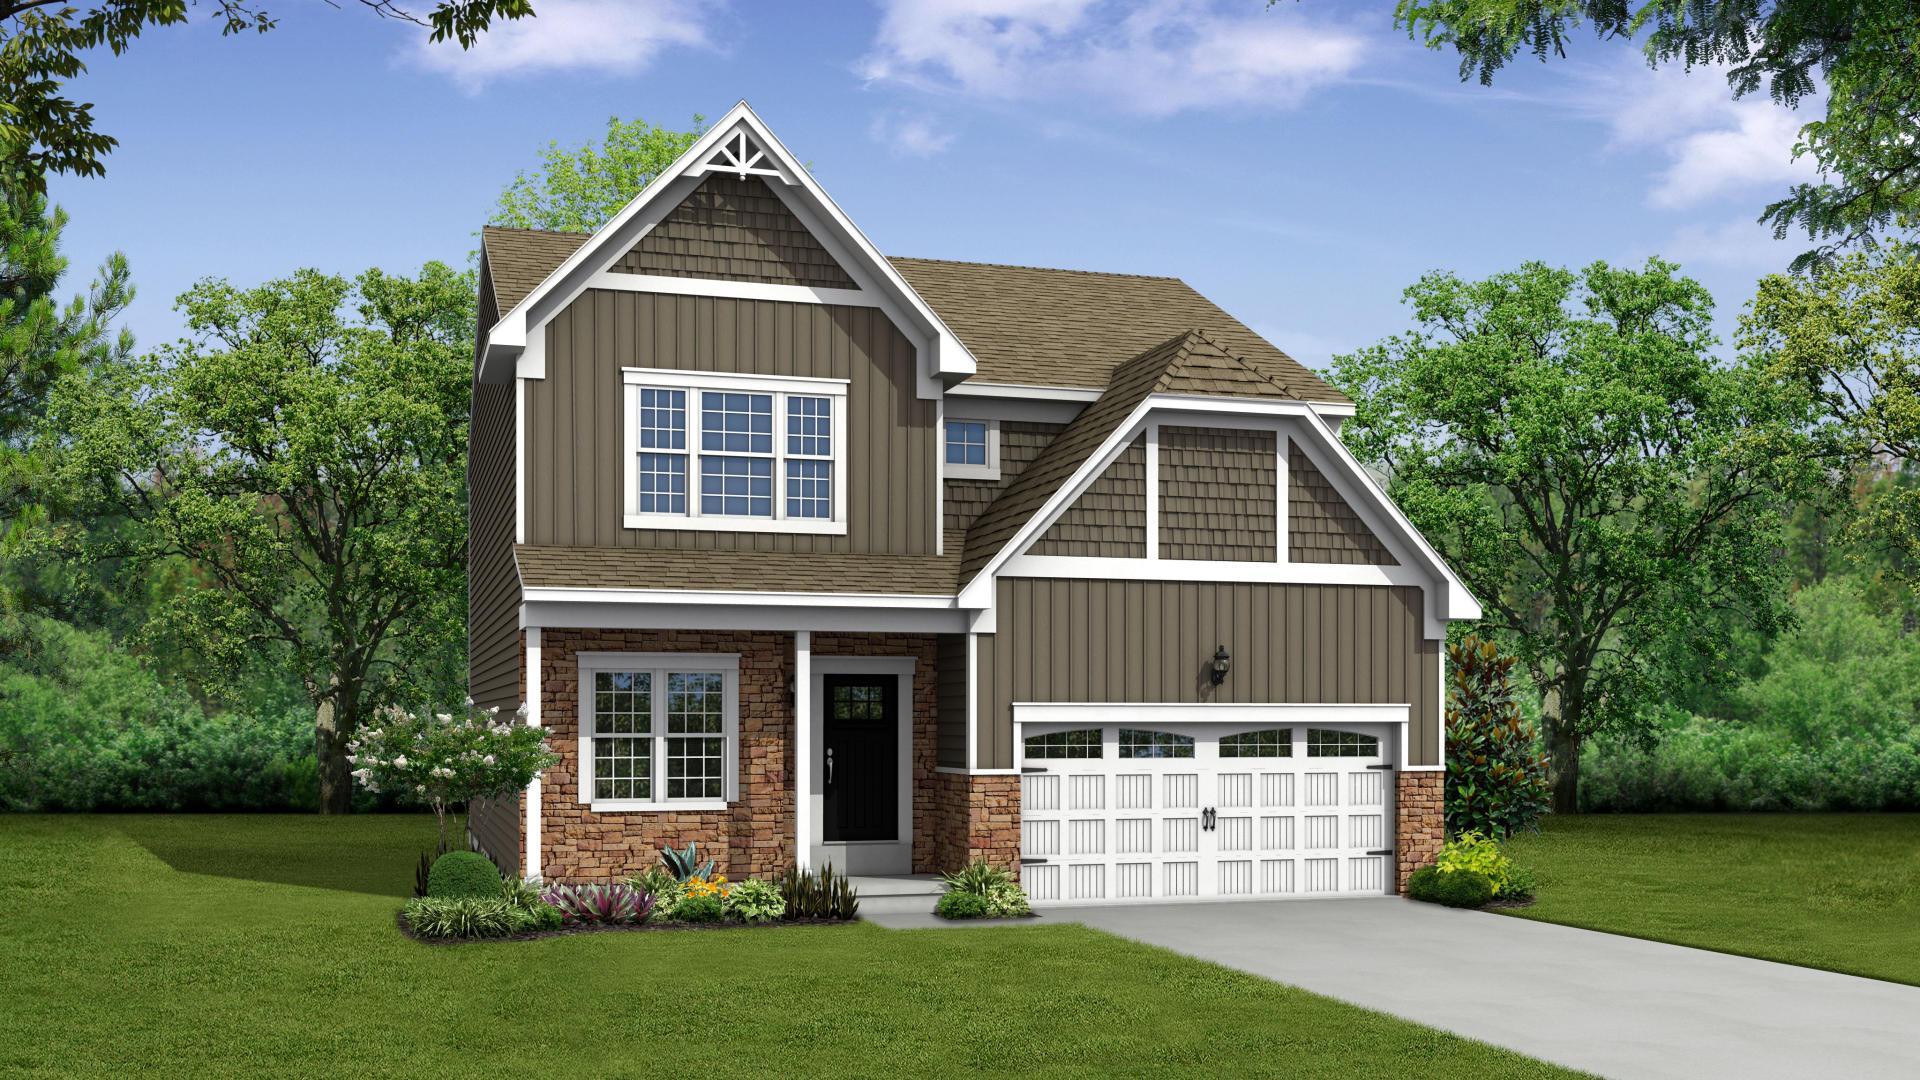 单亲家庭 为 销售 在 Trails Of Todhunter - Somerset 6083 Todhunter Rd Monroe, Ohio 45050 United States